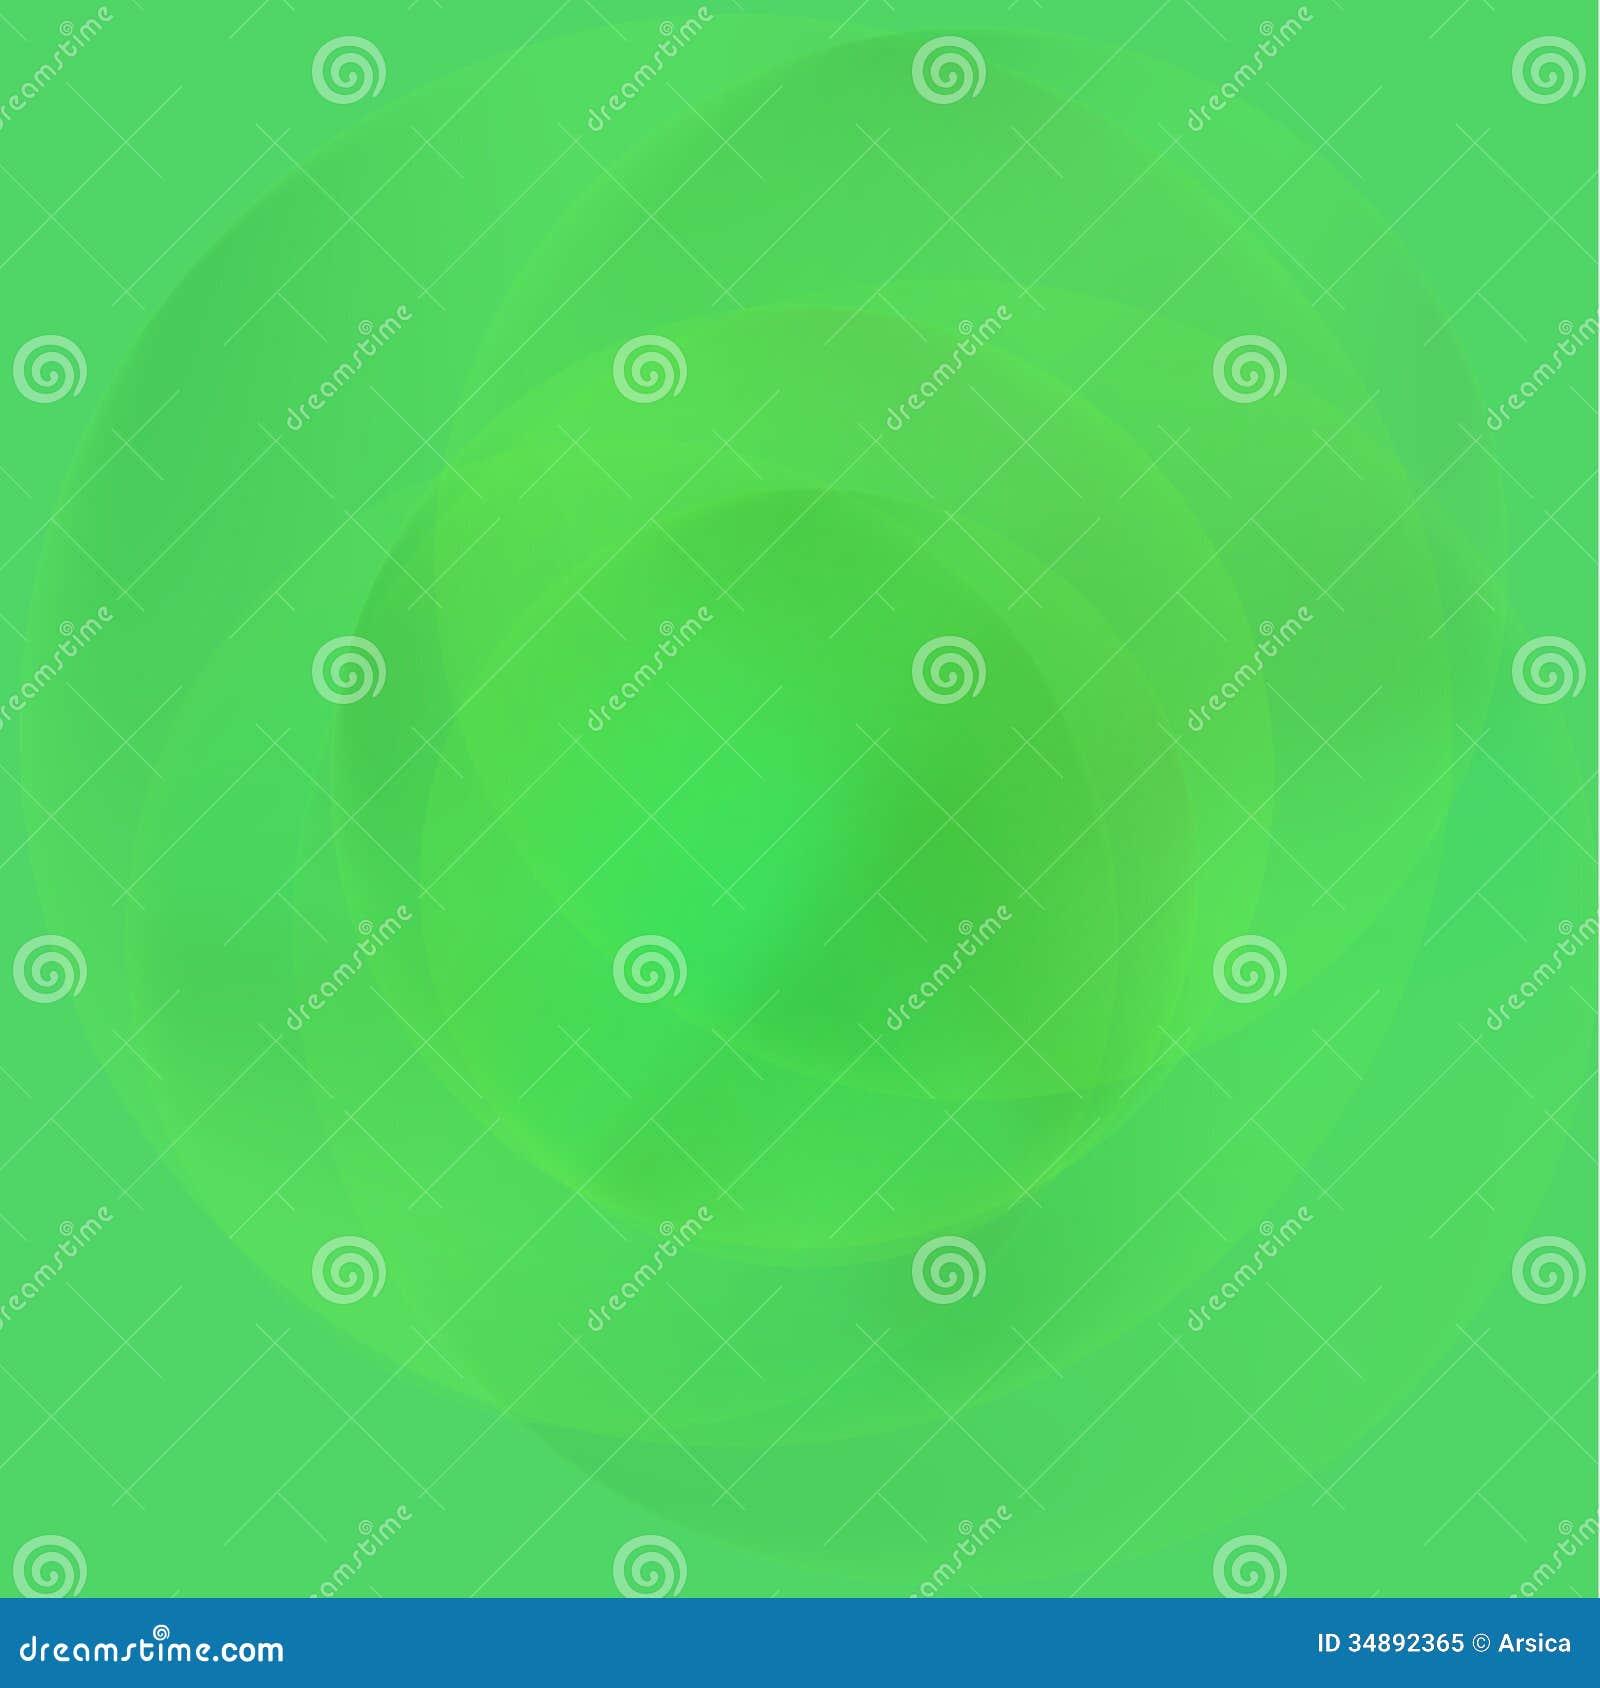 fundo verde garrafa papel - photo #23